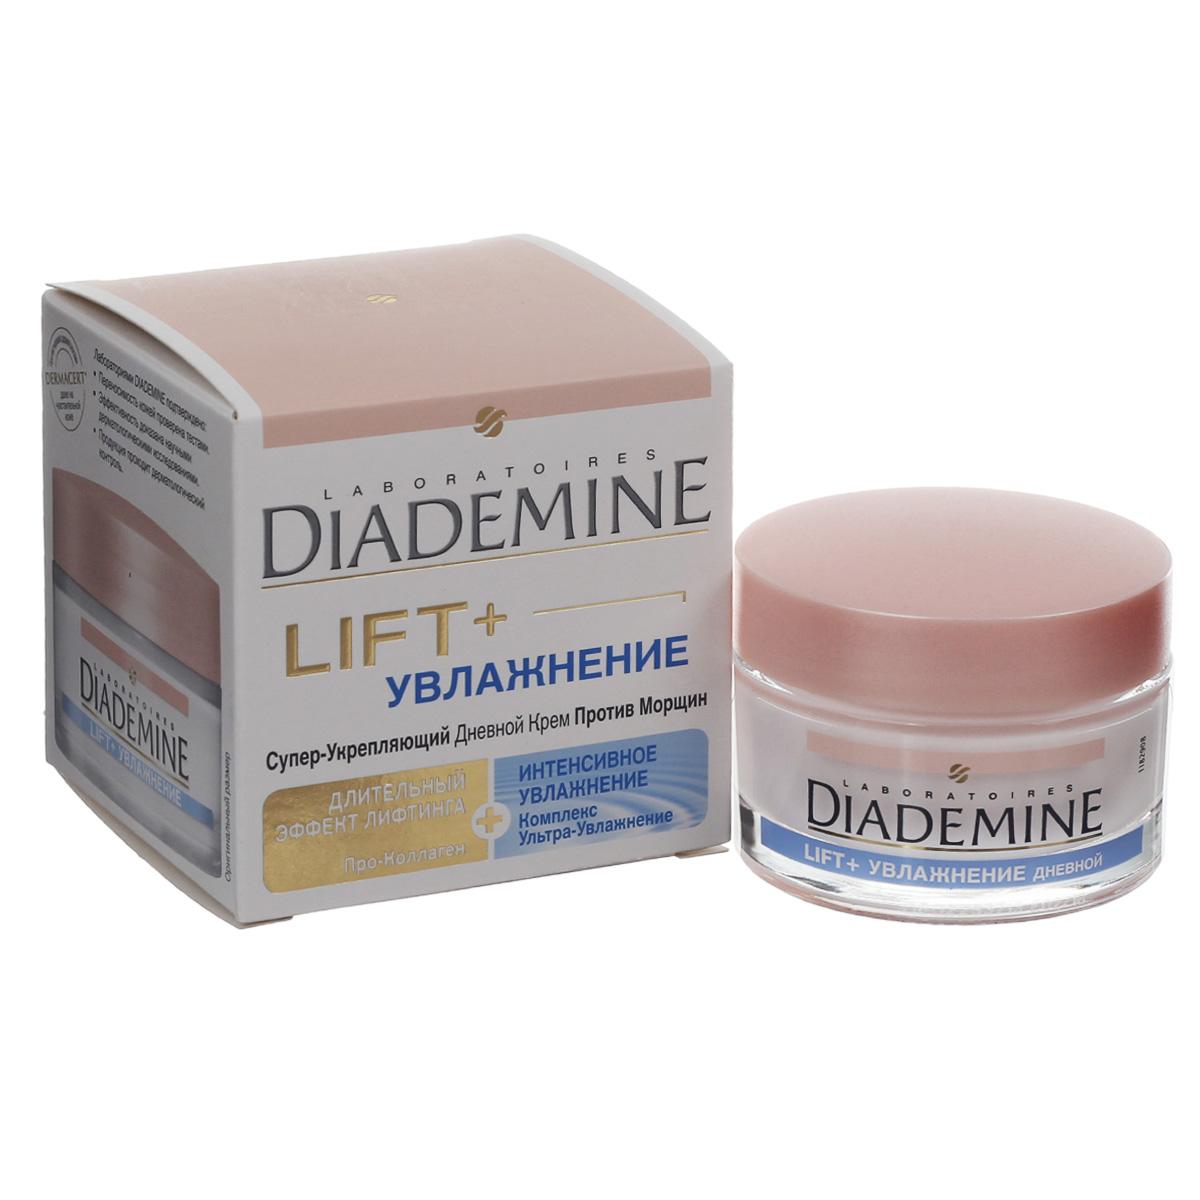 DIADEMINE LIFT+ Дневной крем Увлажнение, 50мл9430025DIADEMINE LIFT+ УВЛАЖНЕНИЕ повышает упругость кожи, разглаживает мимические и глубокие морщины, совмещая действие сильного активатора образования коллагена и интенсивное увлажнение. Высокоэффективная формула с Коллаген-Активатором воздействует на 5 типов коллагена как в глубоких слоях кожи, так и в поверхностных, обеспечивая максимальную эластичность и упругость кожи в течение всего дня. ВОЗРАСТНАЯ РЕКОМЕНДАЦИЯ: 30 -50 лет